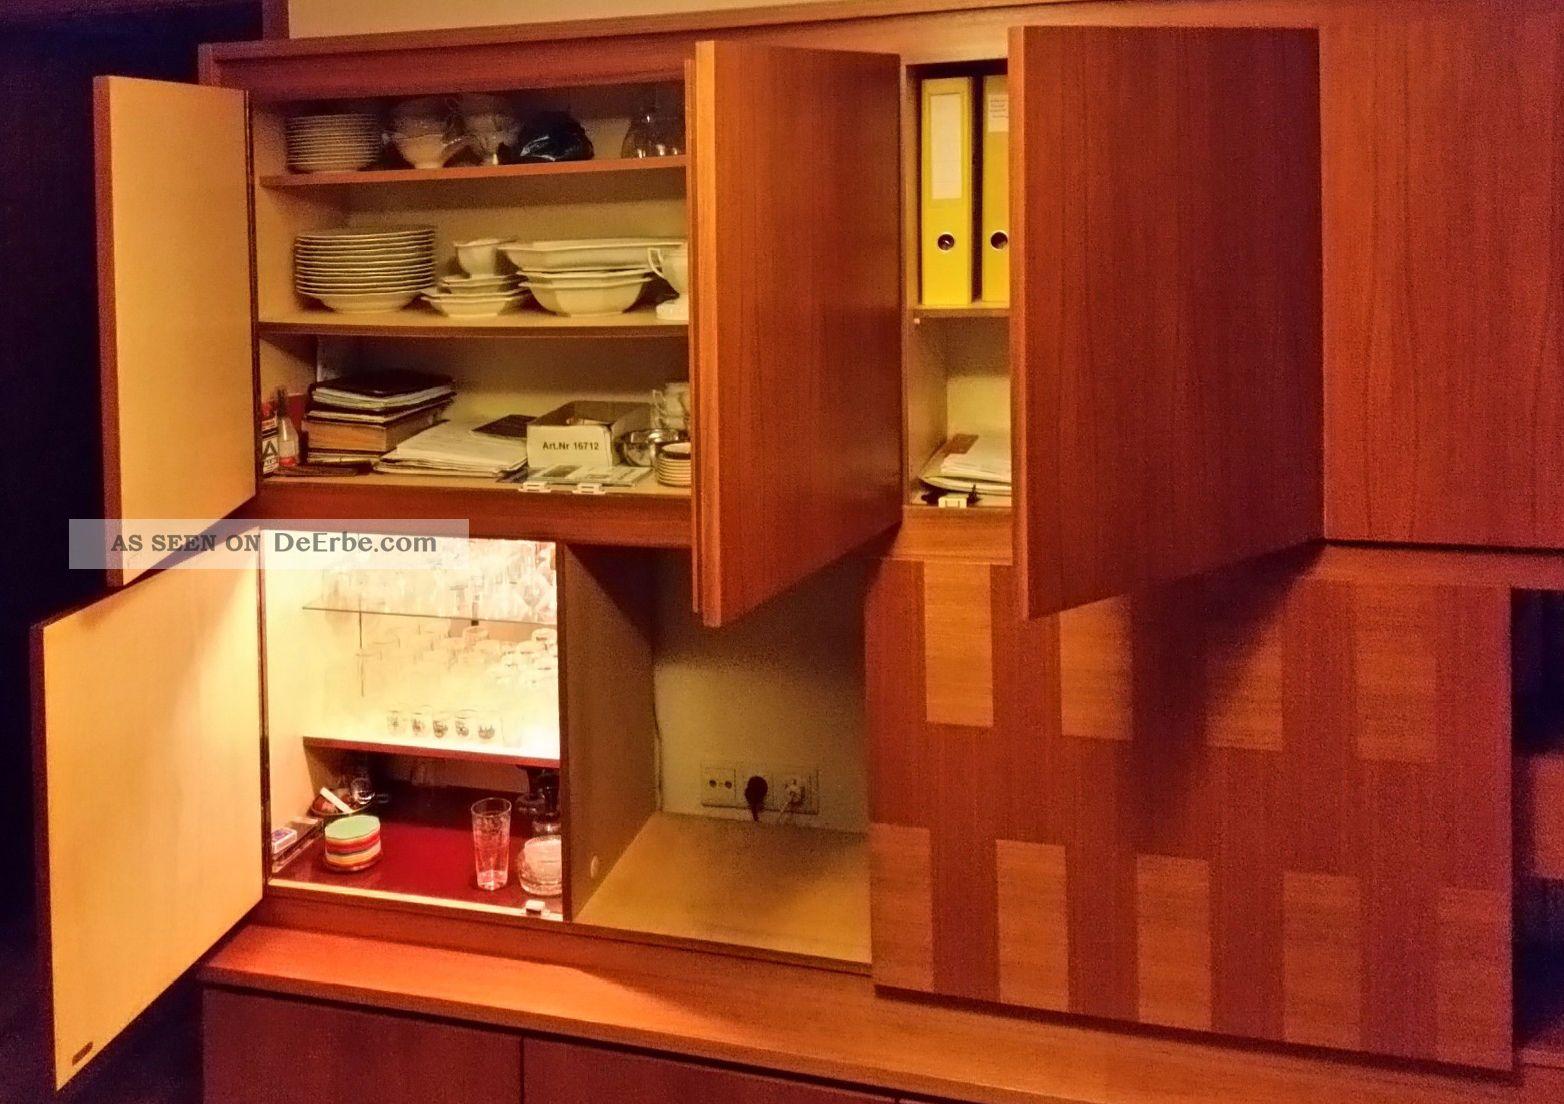 Wohnzimmerschrank Sehr Robust Spte 60er Oder Frhe 70er Jahre